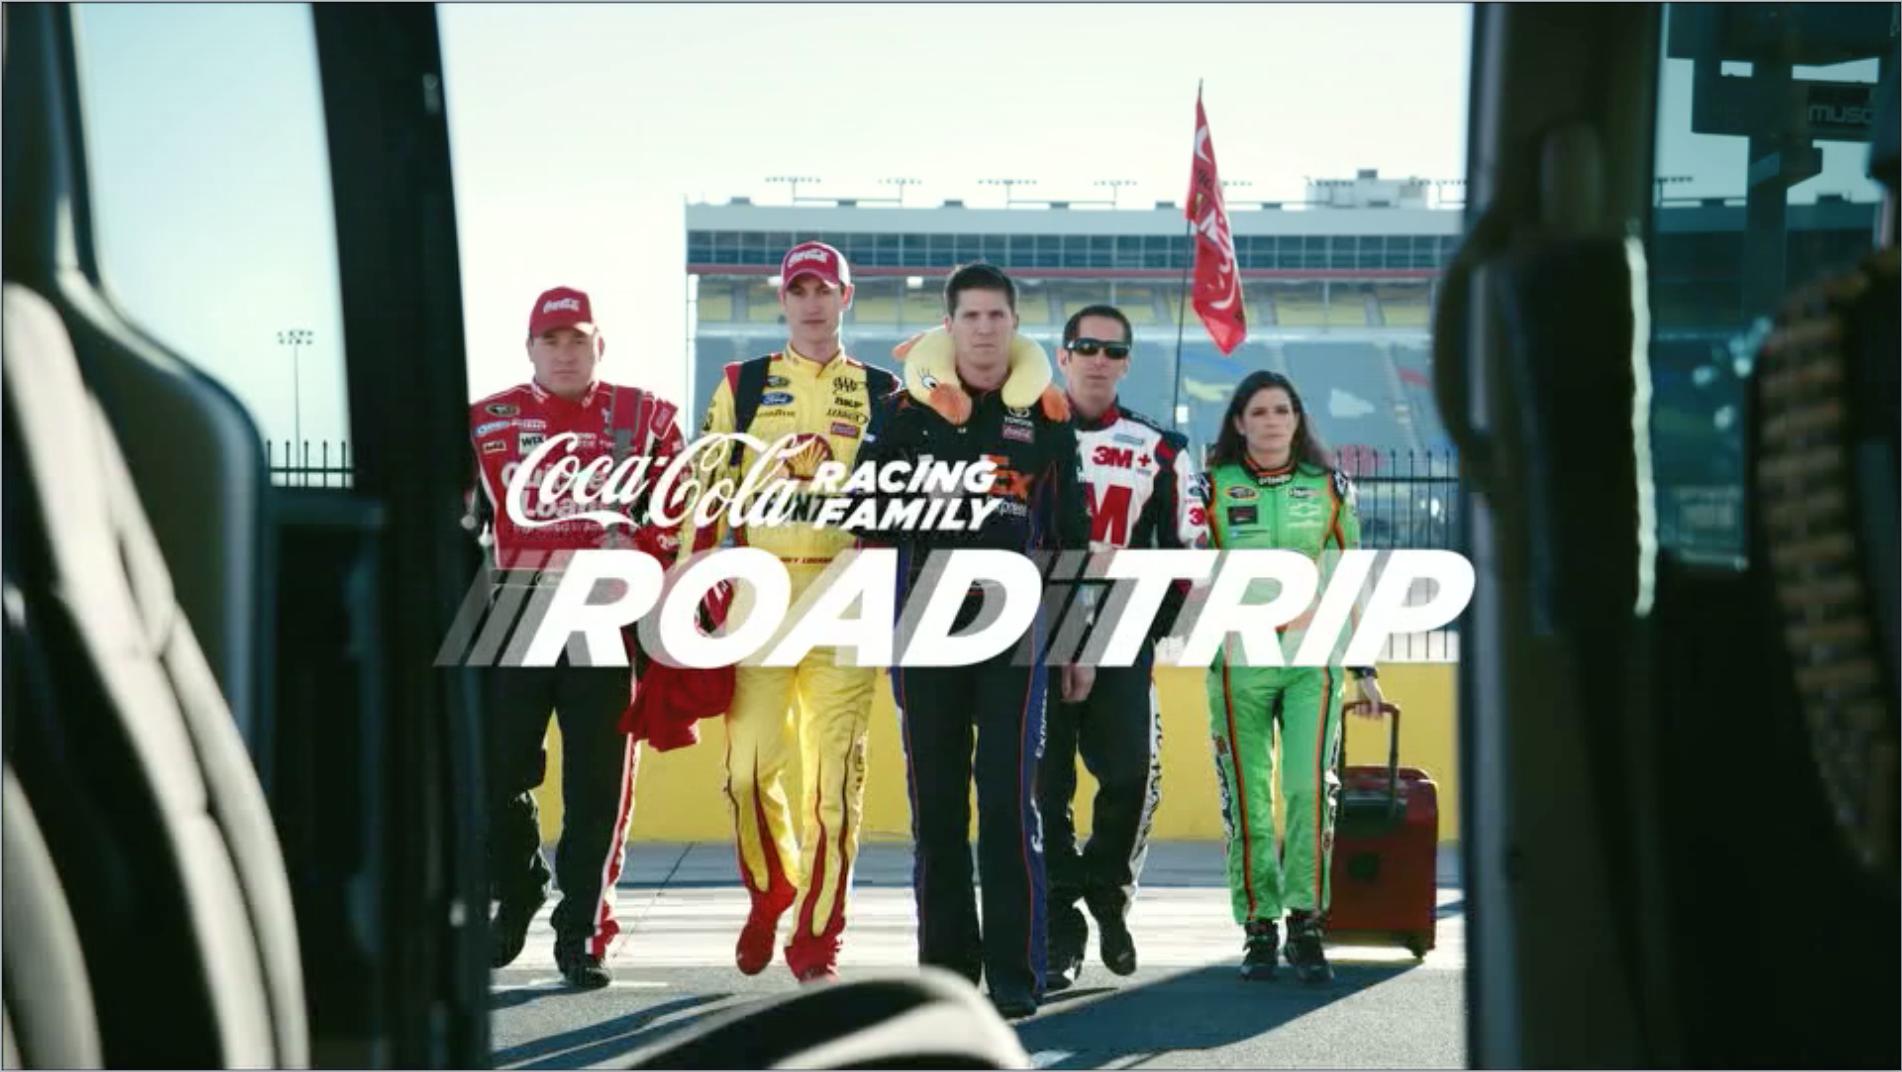 Coke NASCAR - Road Trip